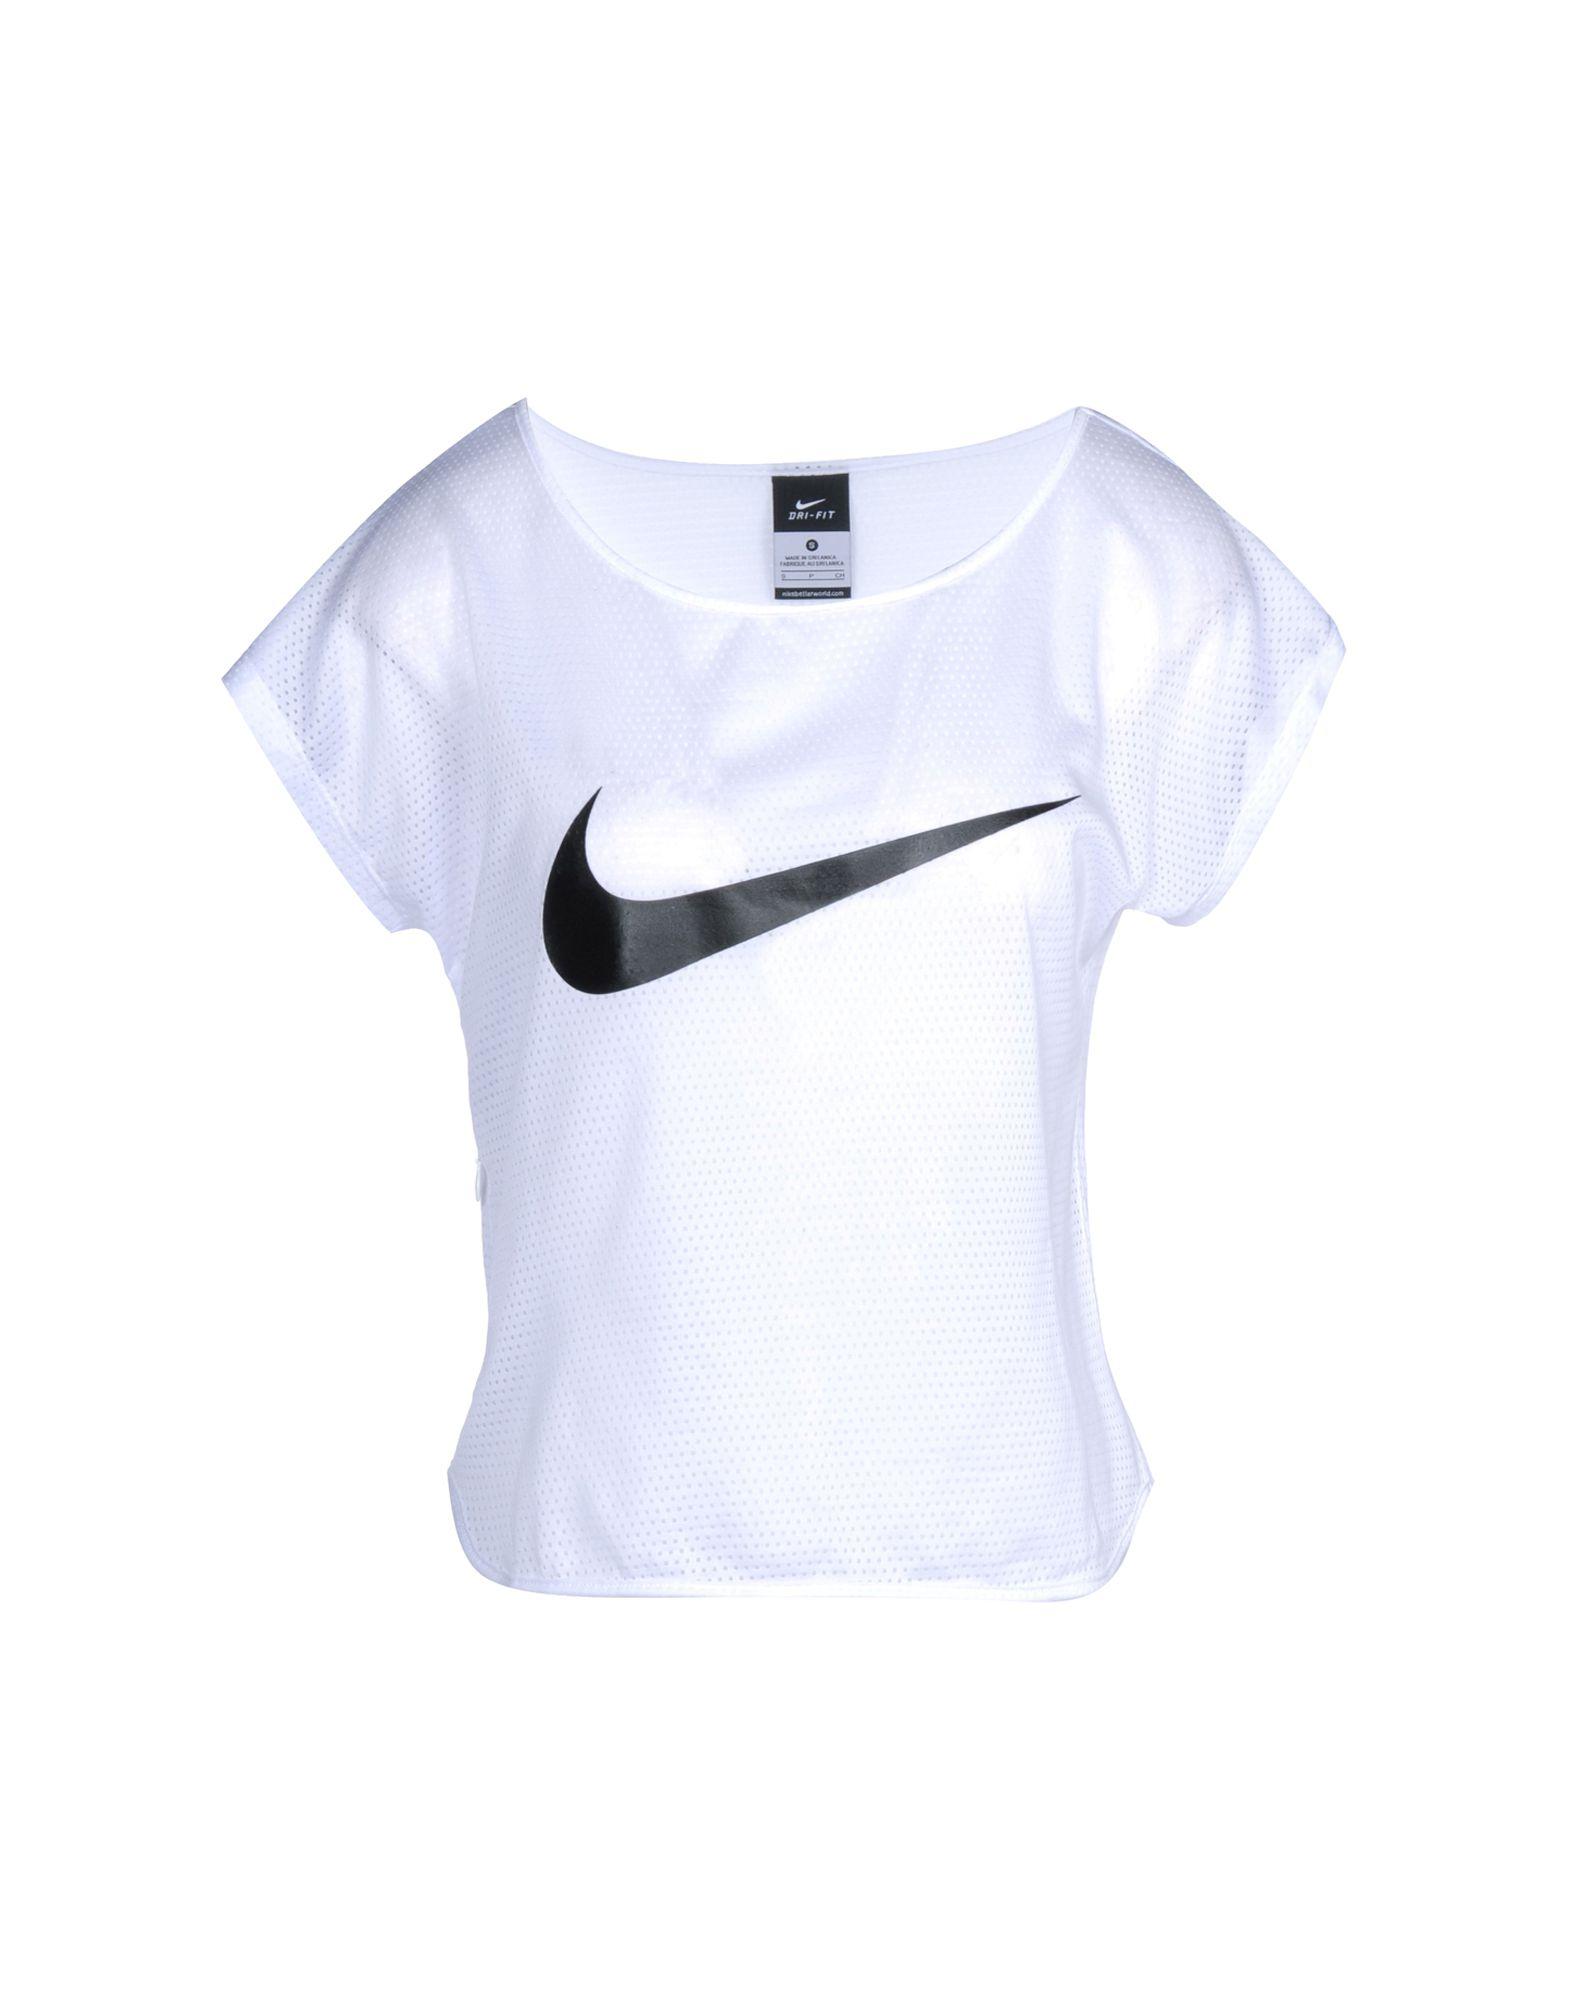 8e2c2117ab646 Camiseta Nike City Cool Swoosh Ss - Mujer - Camisetas Nike en YOOX -  37871630WL